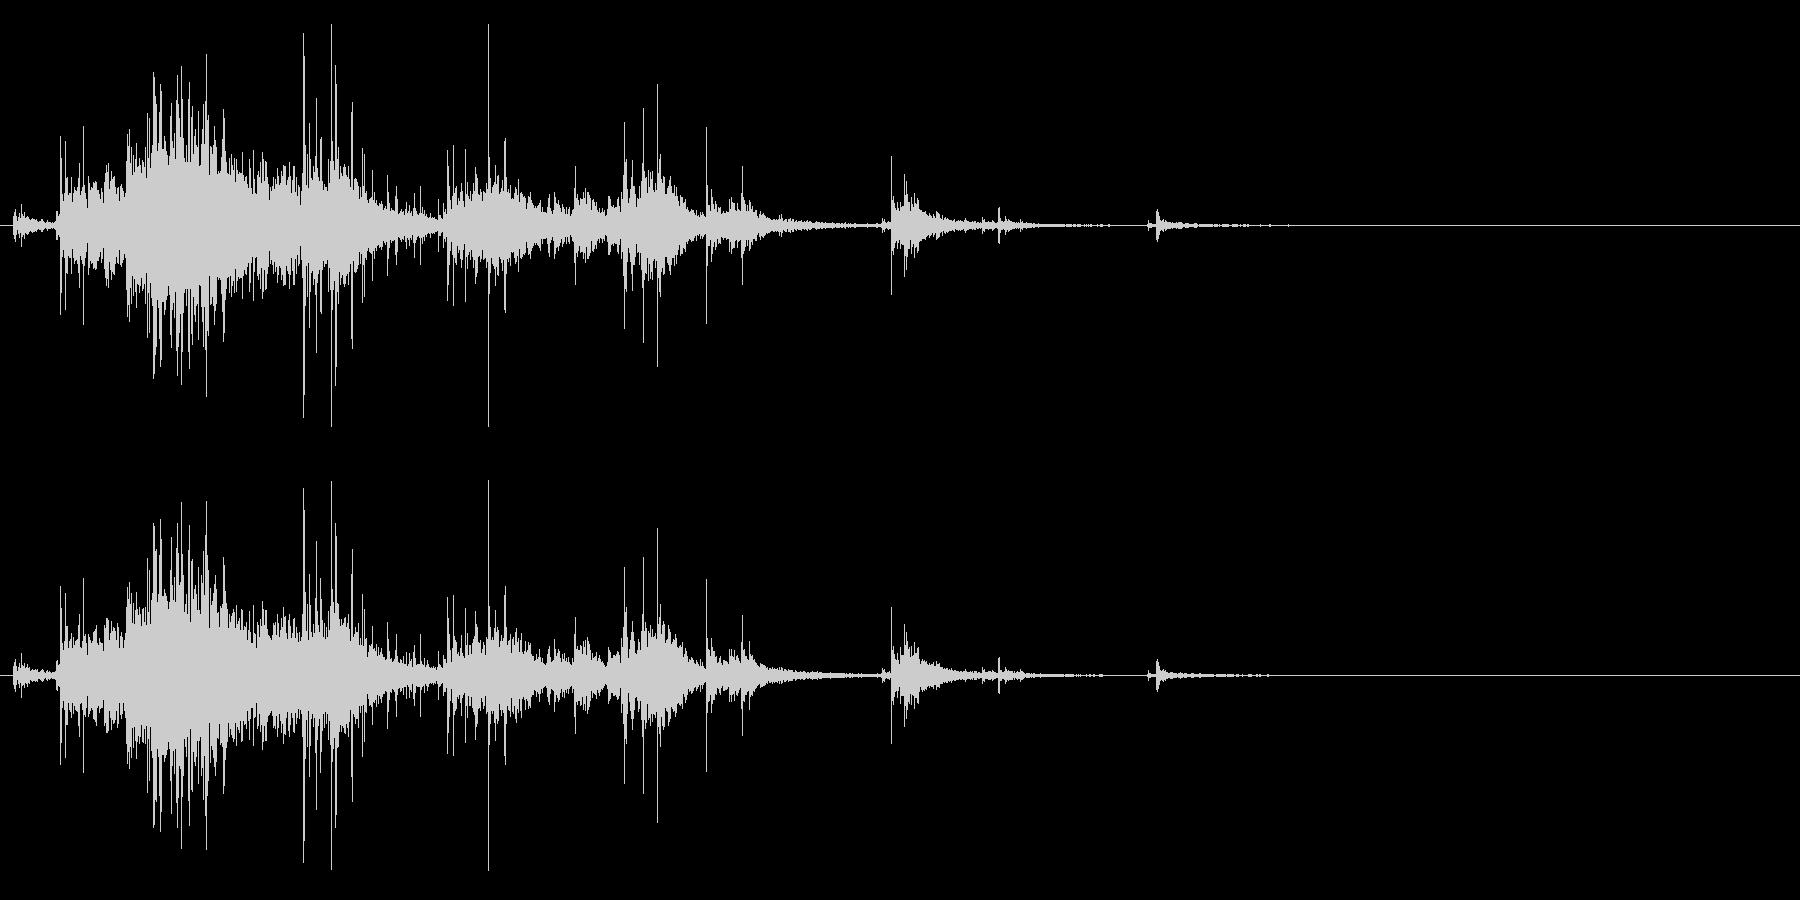 【生録音】お風呂 水の音 13の未再生の波形